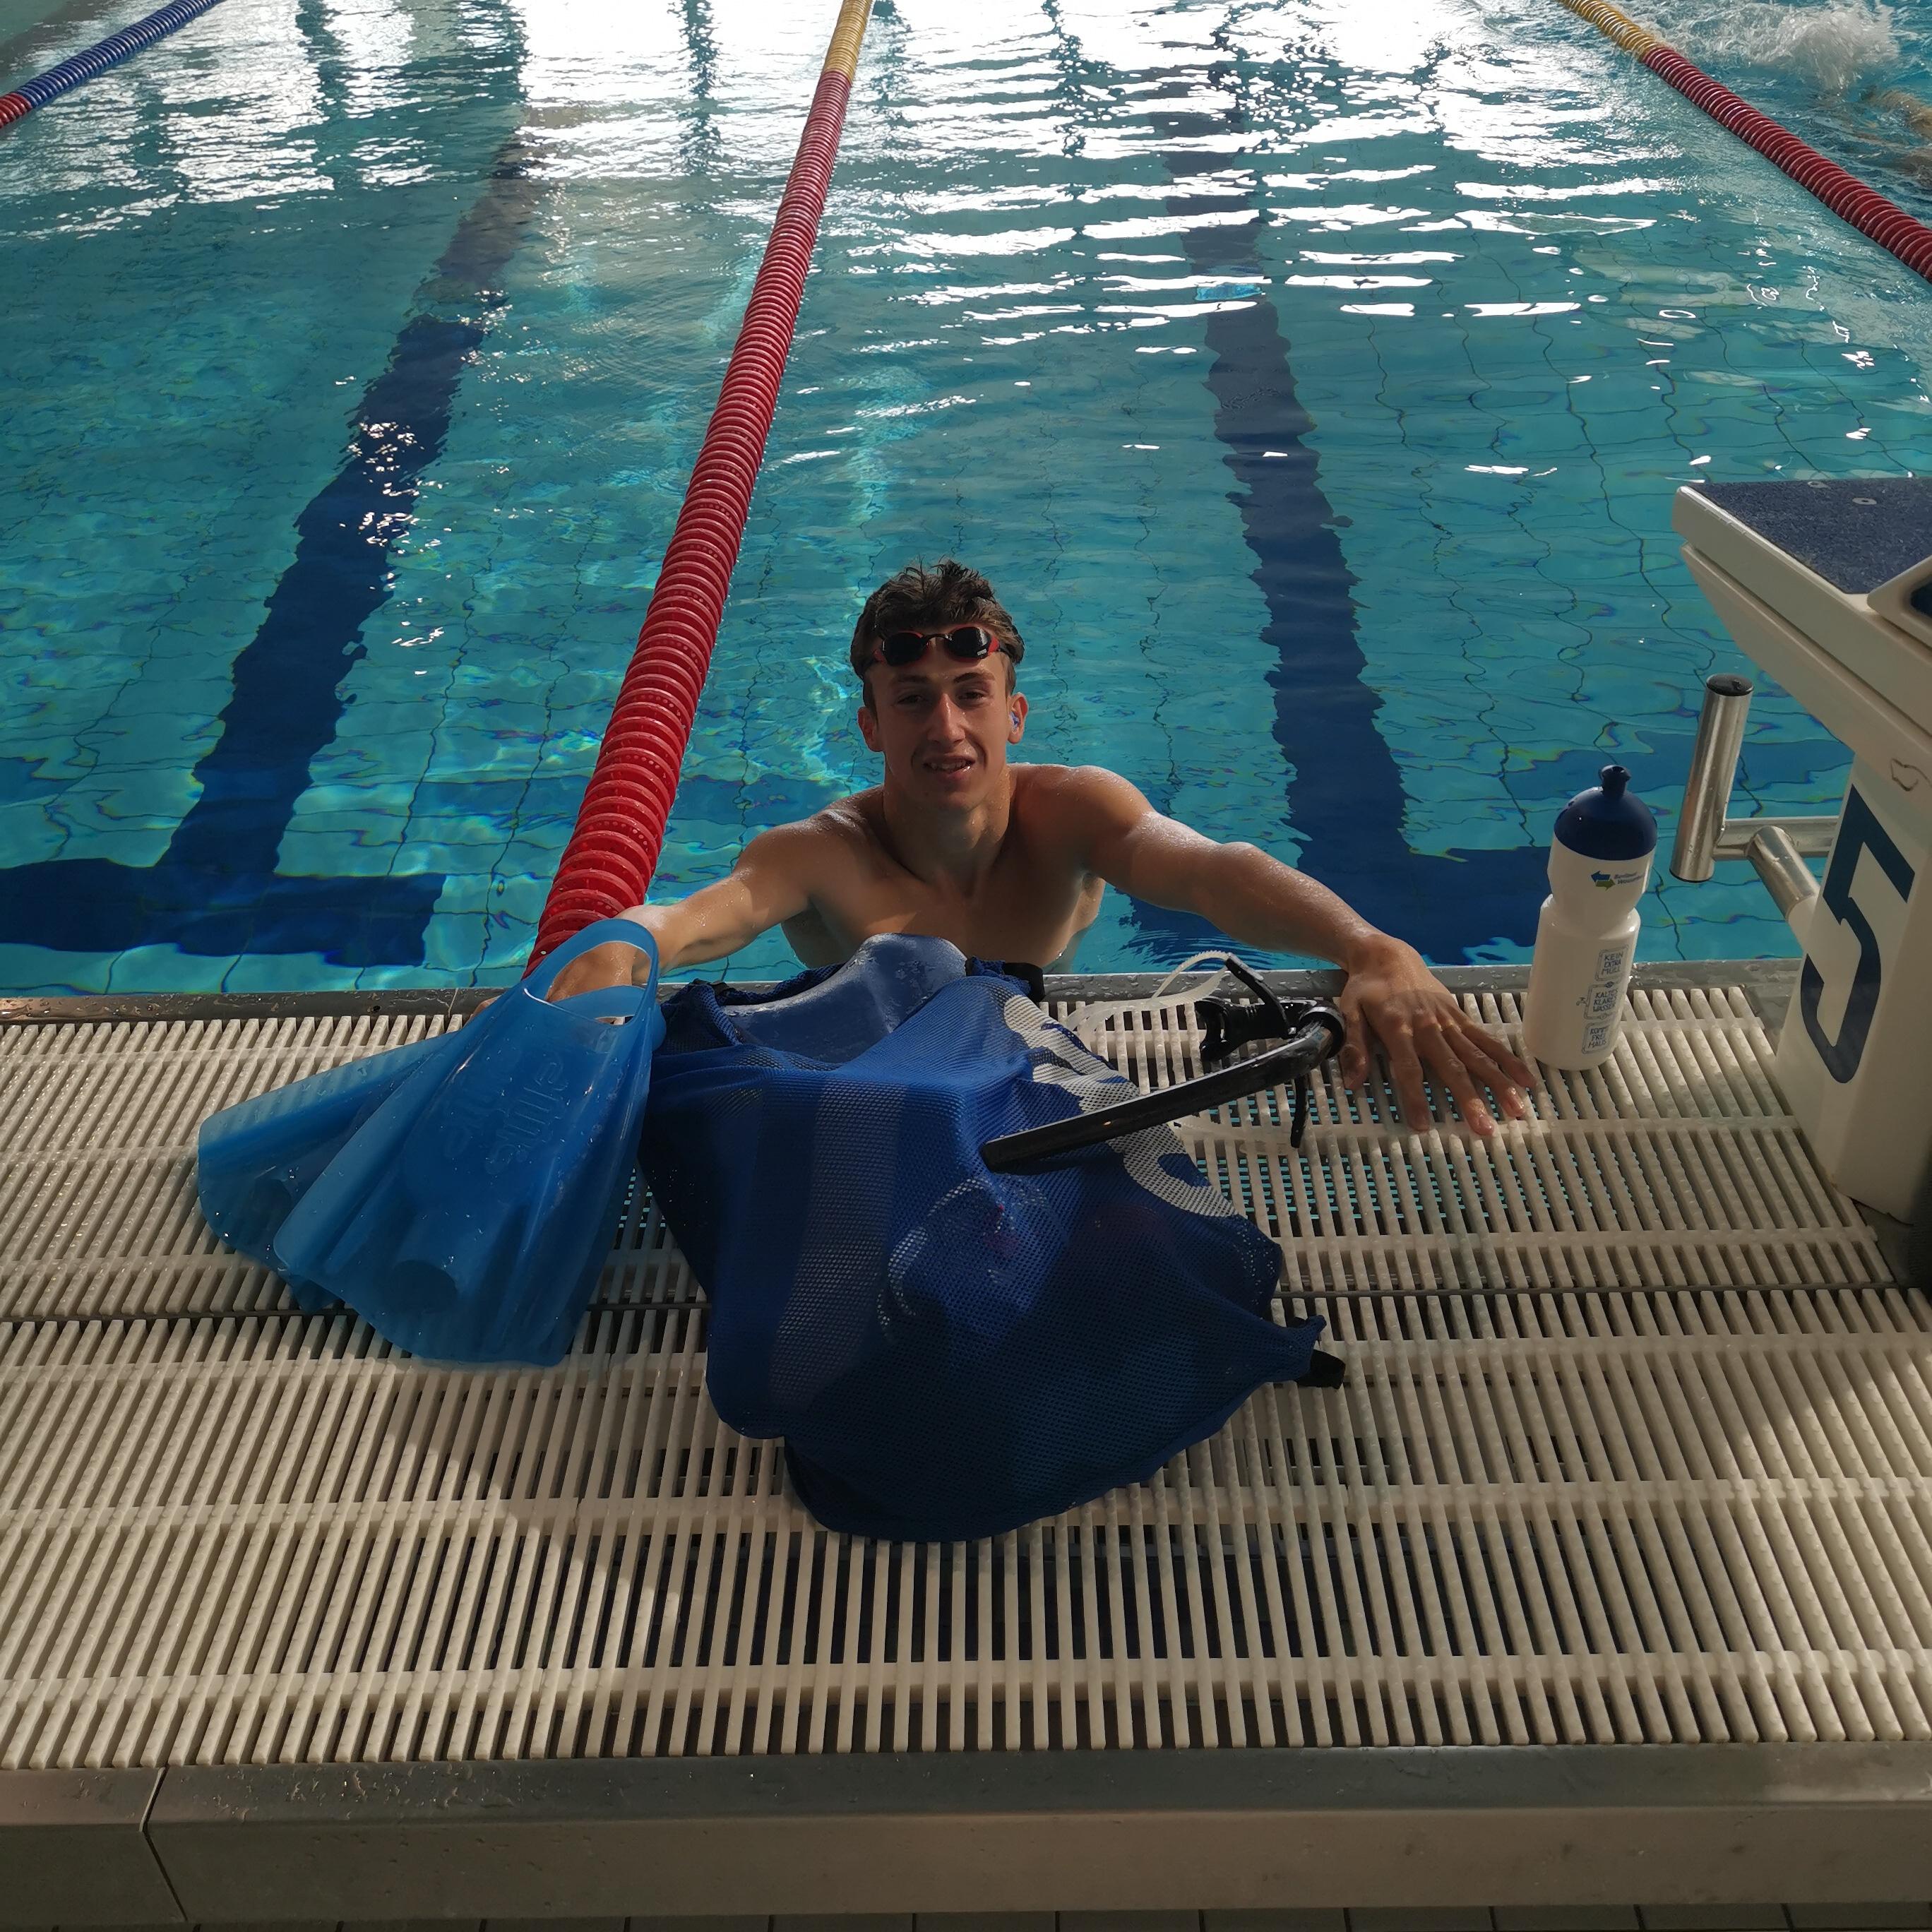 Unser Student & Leistungssportler Malte